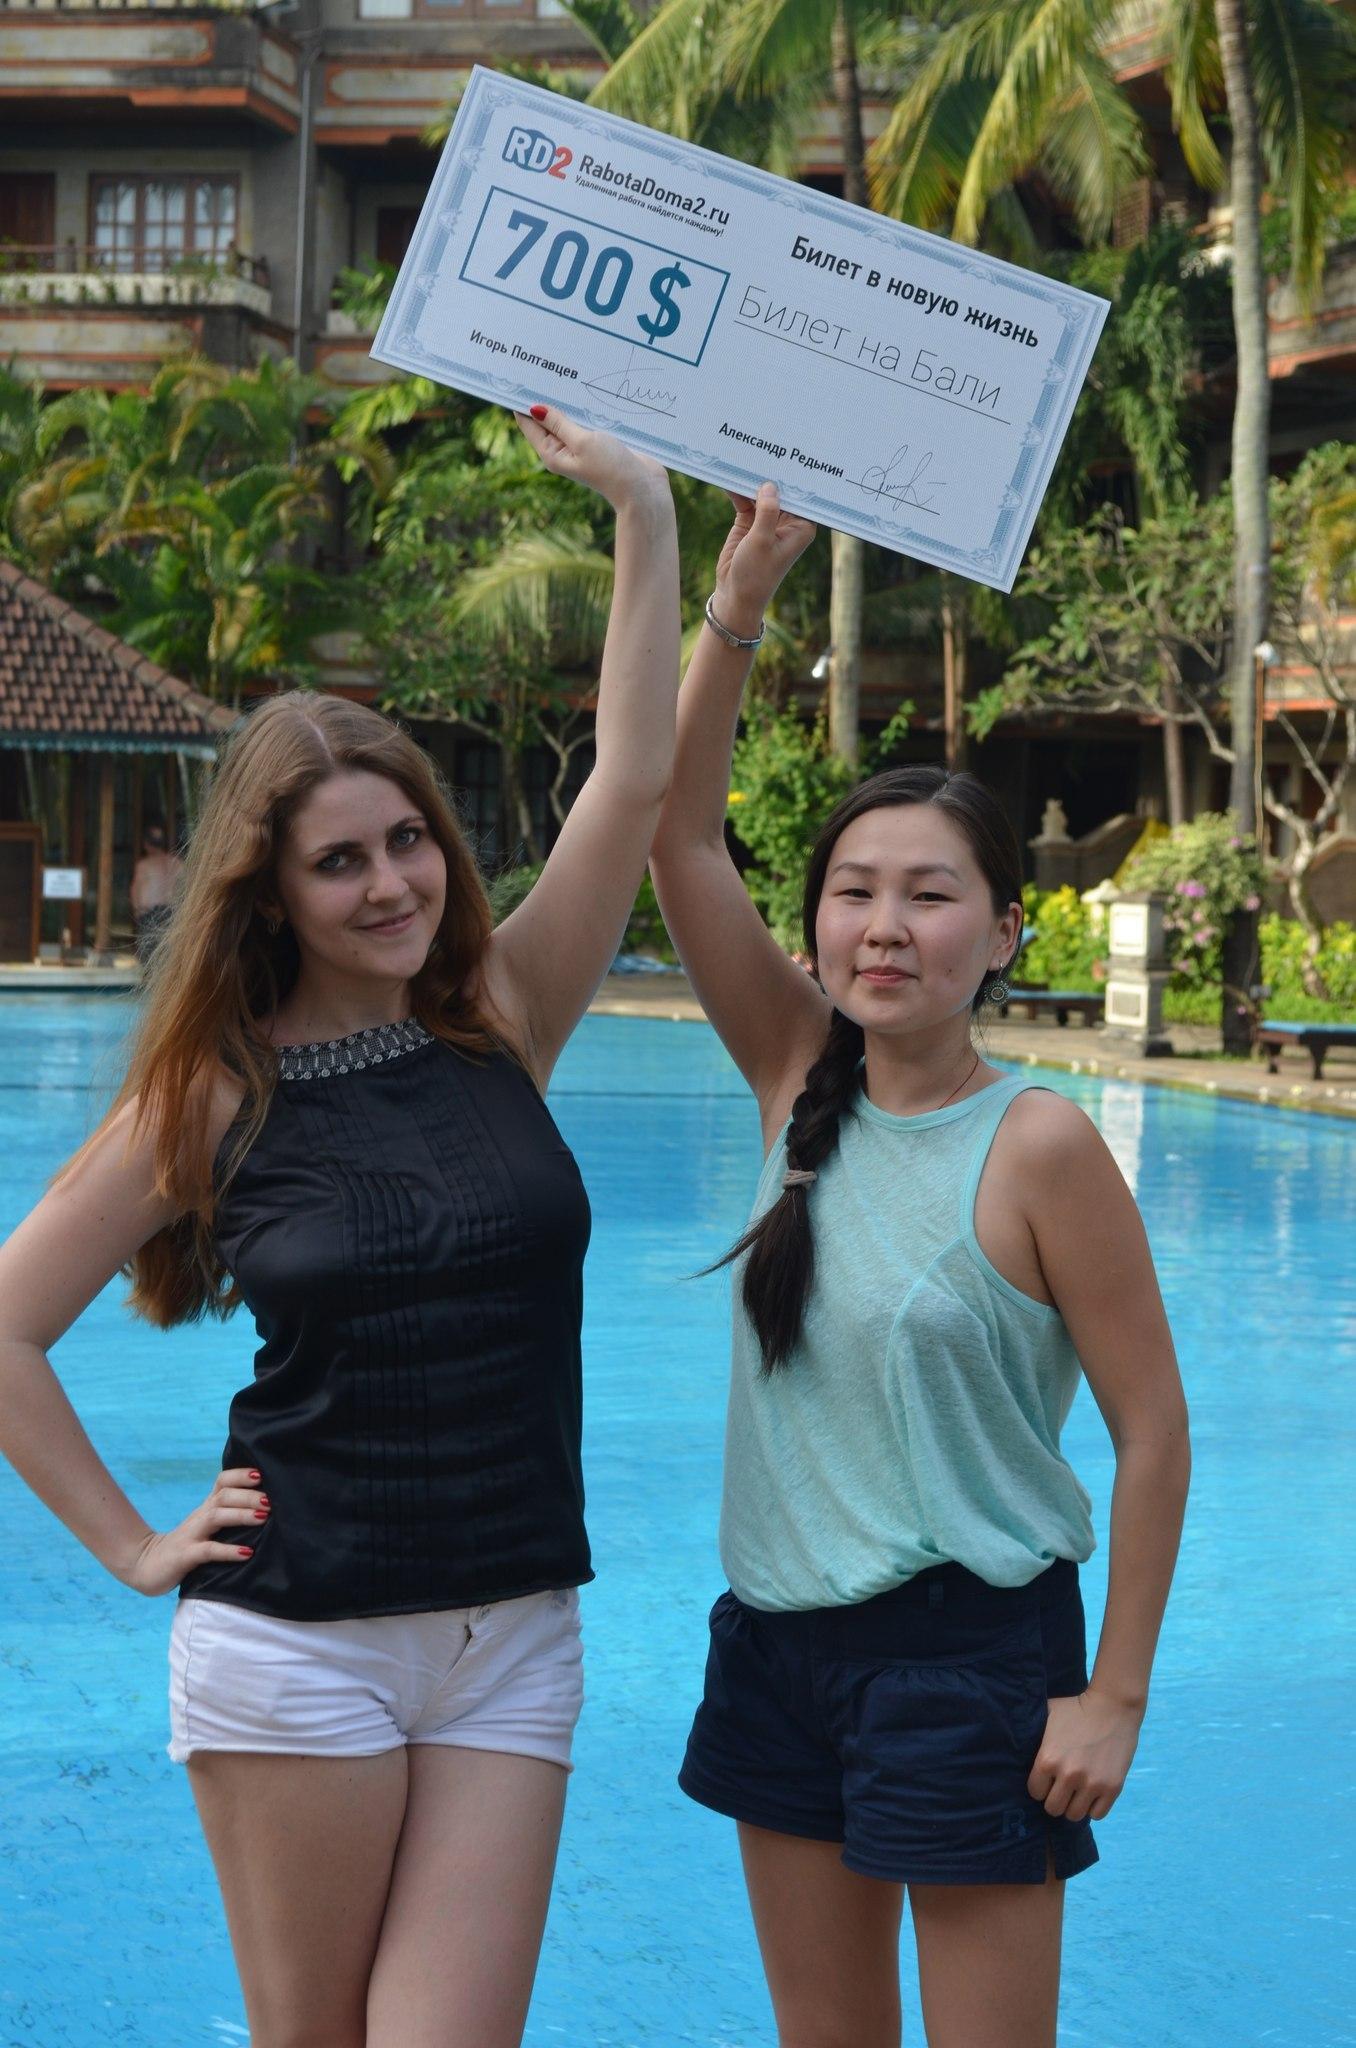 Примерно 700 долларов - стоимость билета на Бали в один конец. Победители конкурса Билет на Бали